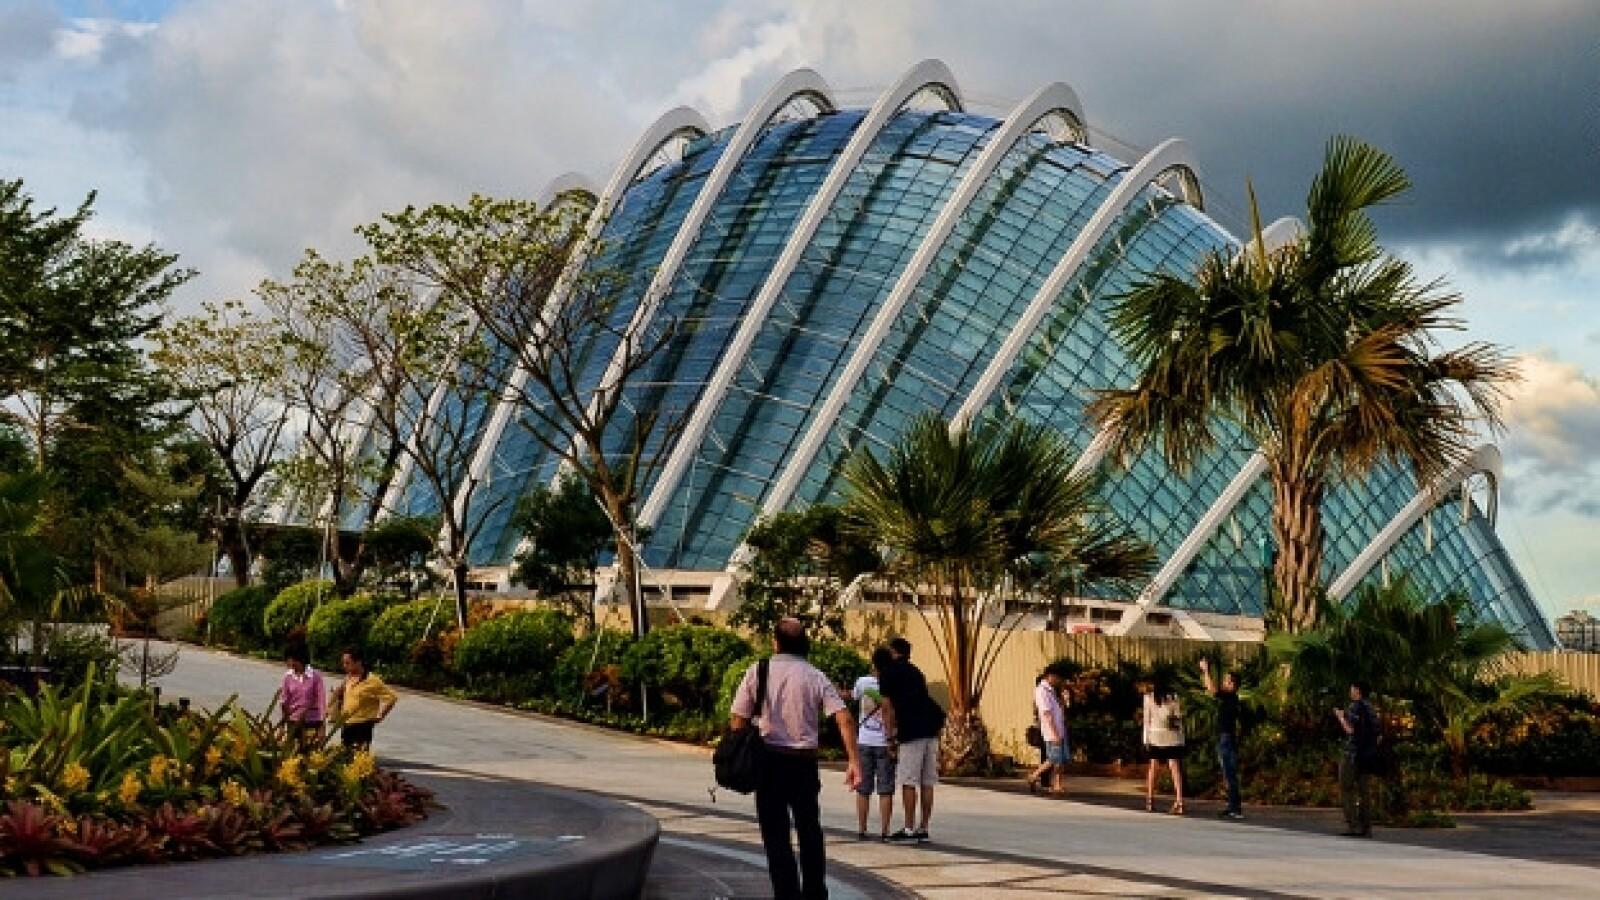 singapur super arboles 03